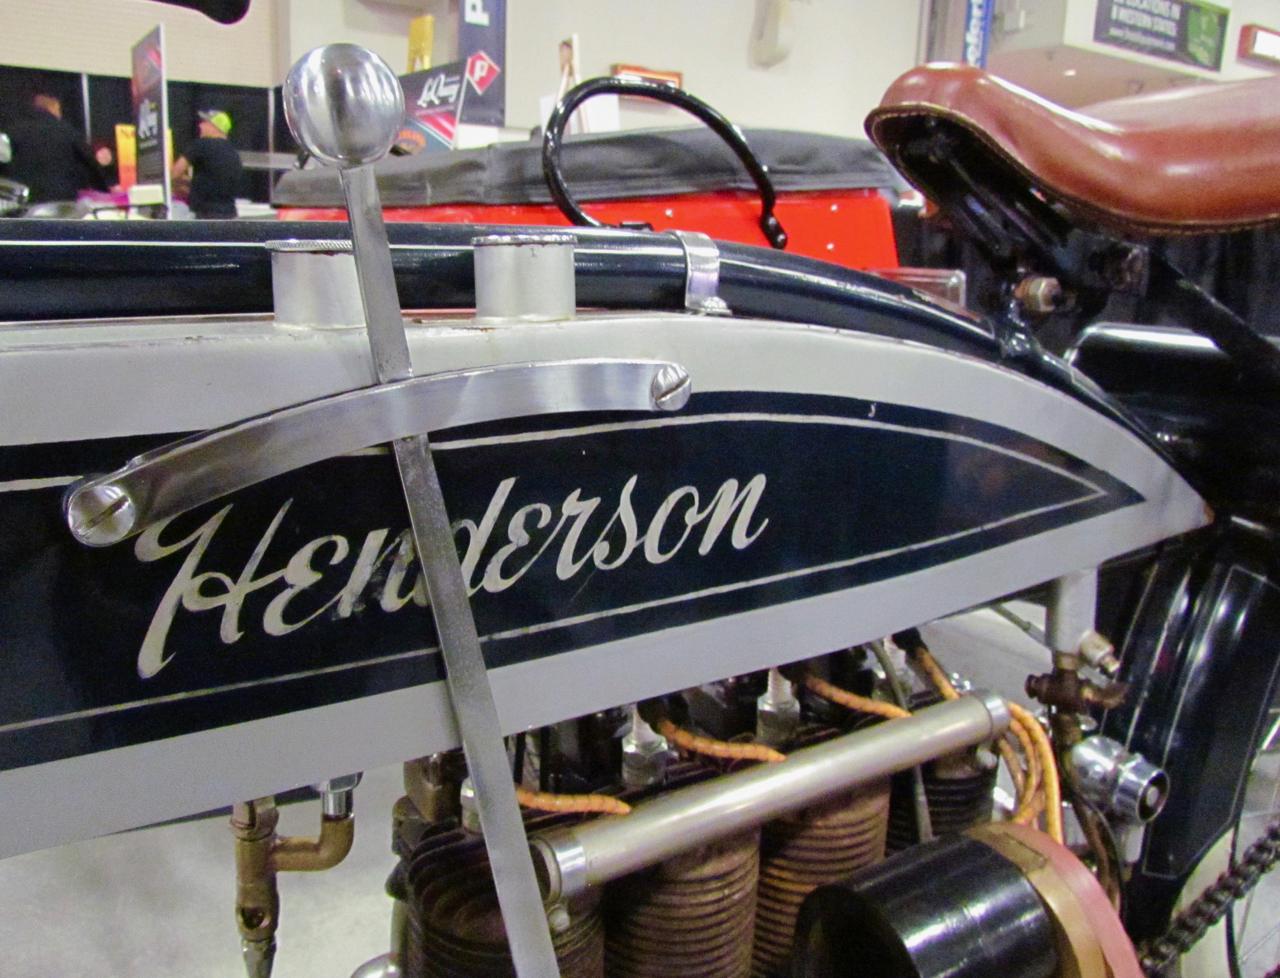 Magnificent Excelsior Vintage Engine Plans Elaboration - Electrical ...